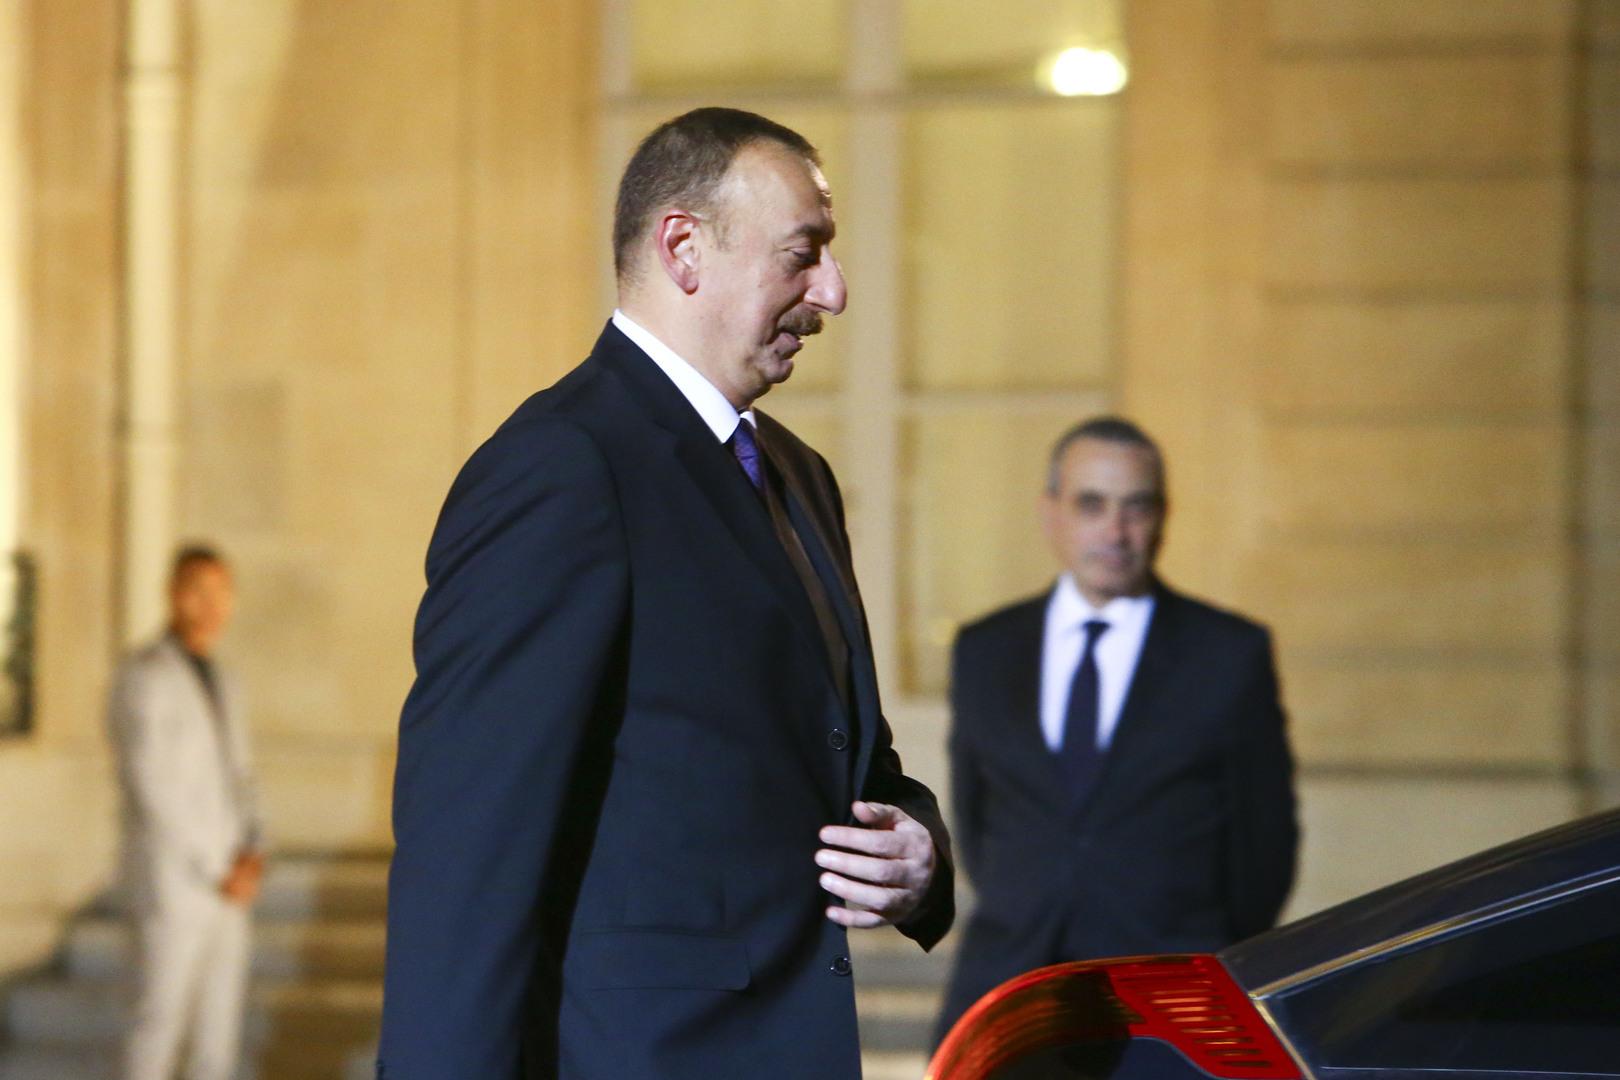 أذربيجان تتهم أرمينيا بمحاولة تدويل نزاع قره باغ وتدعو للعودة للحوار بشرط